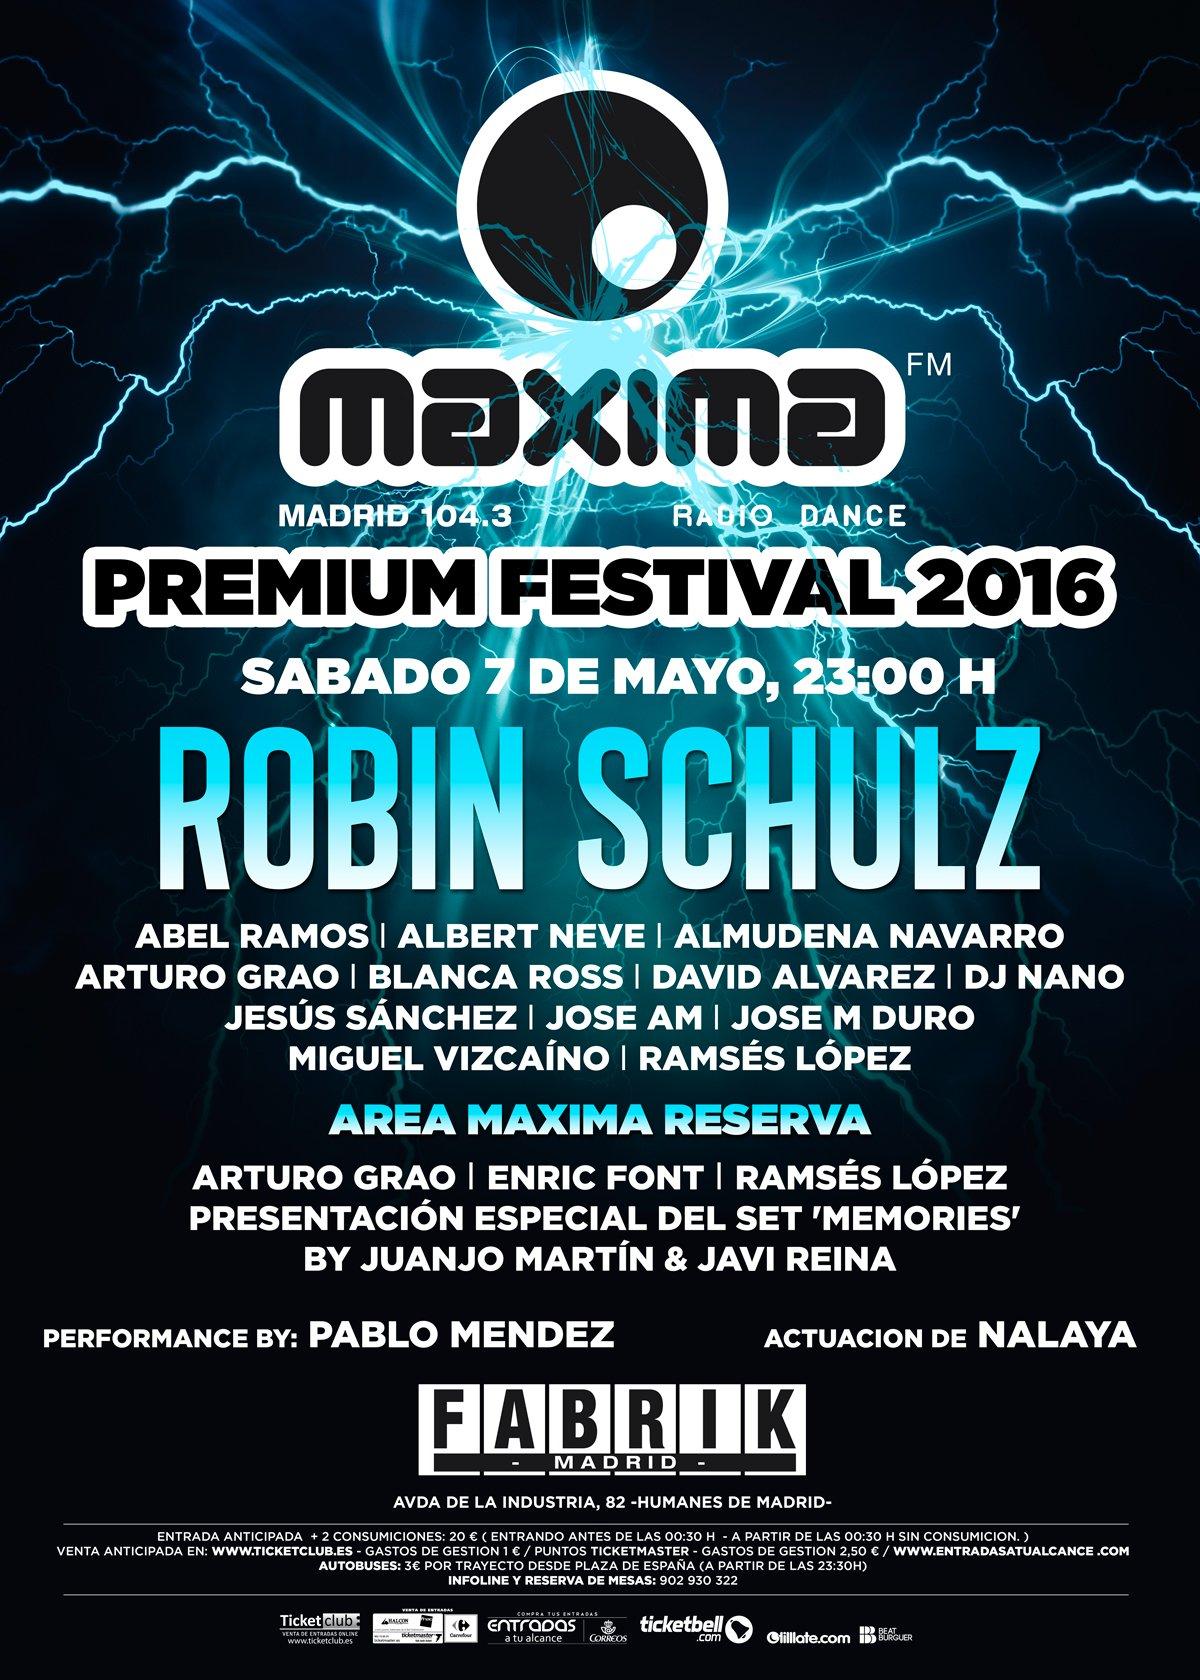 Cep86wZW4AEGPe1 Robin Schulz en el Máxima Premium Festival 2016